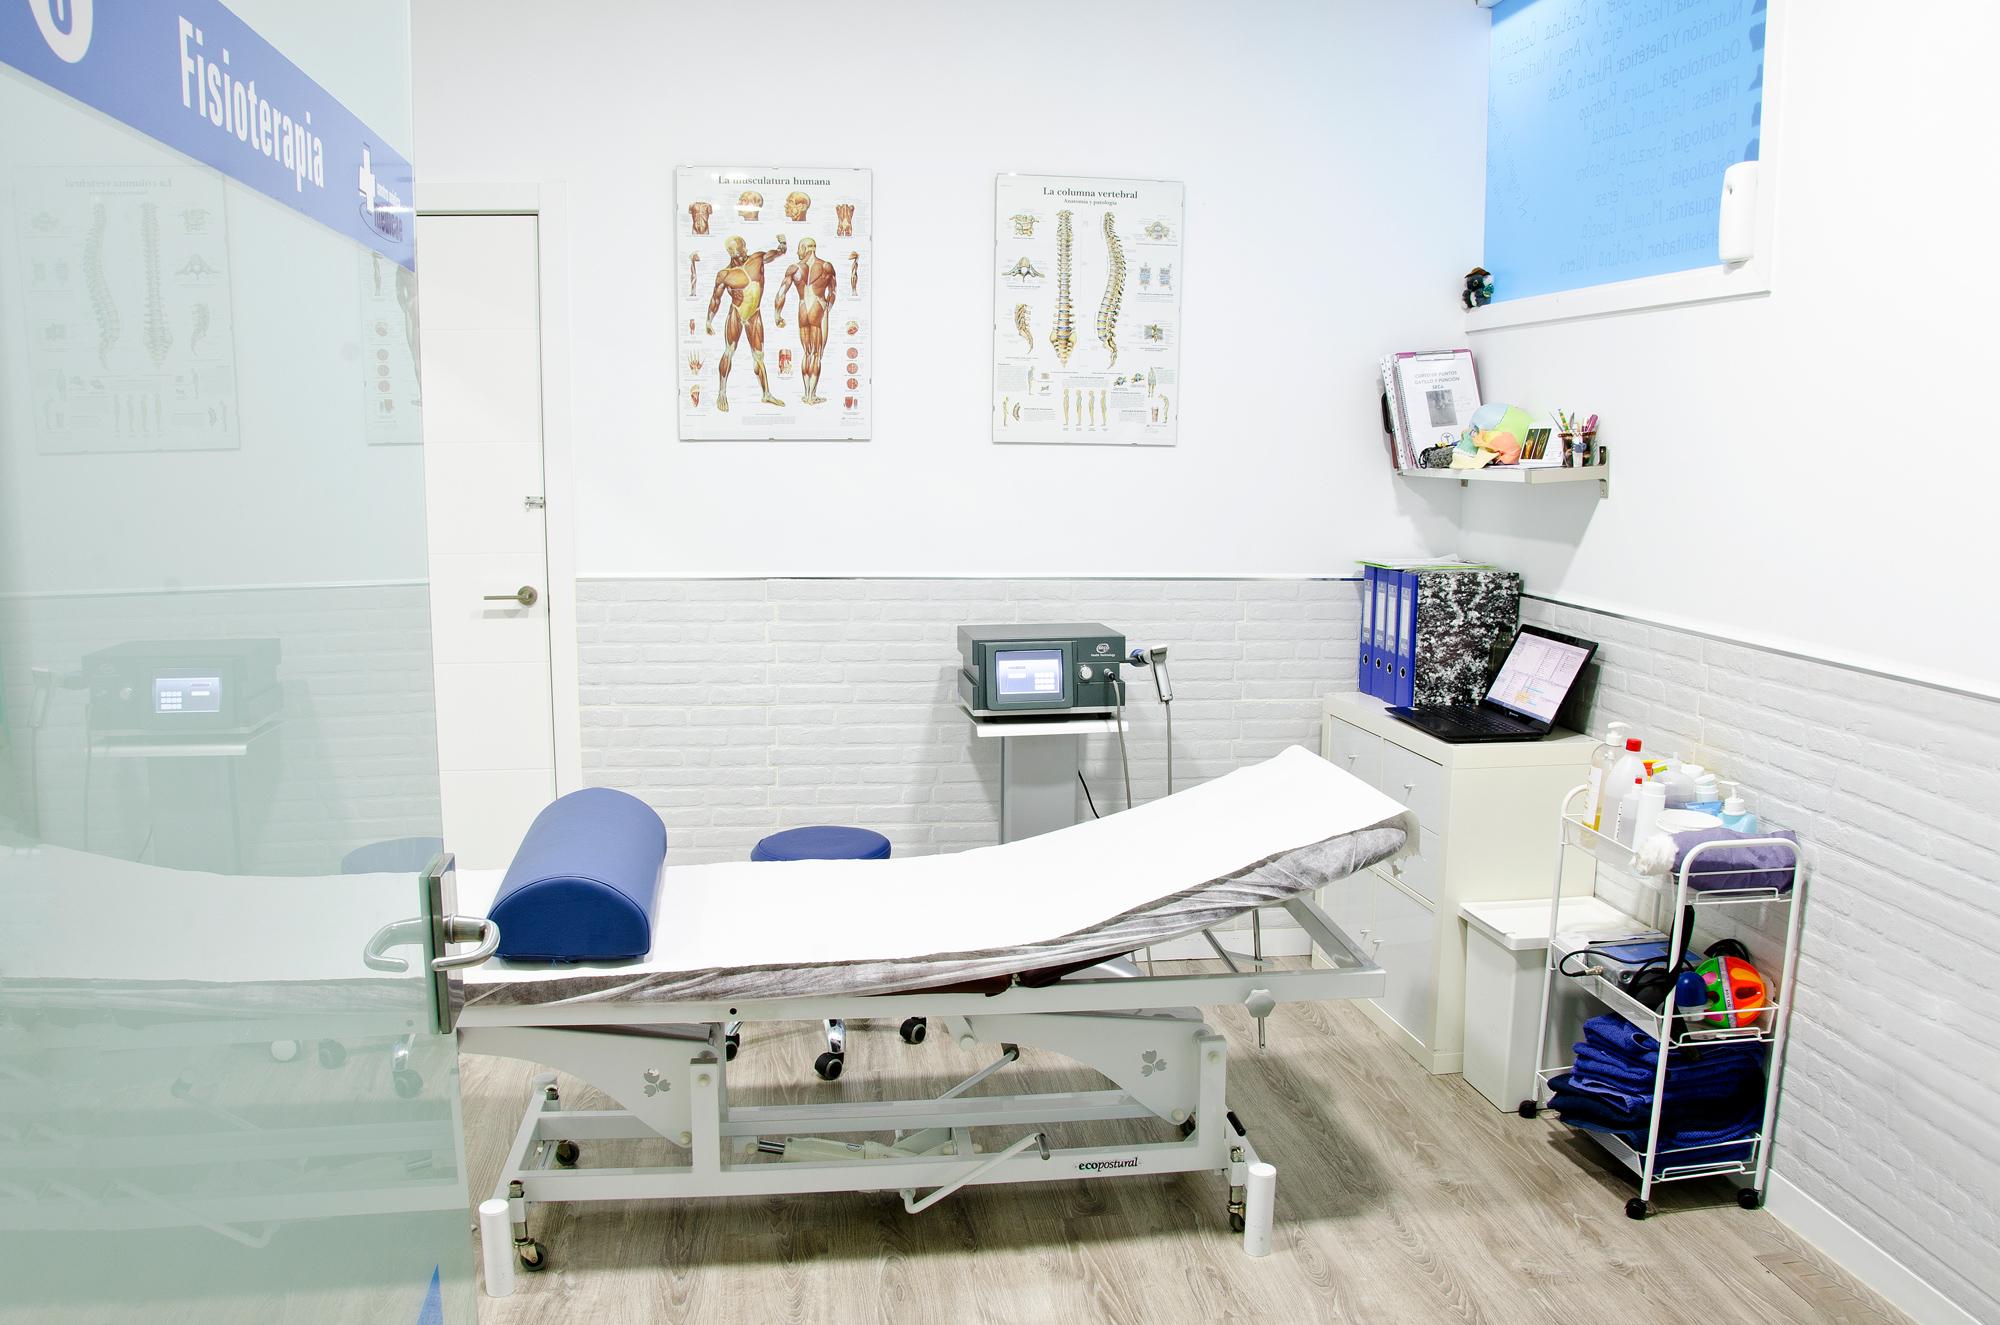 Medicae fisioterapeuta torrejon de ardoz - Viviendas en torrejon de ardoz ...